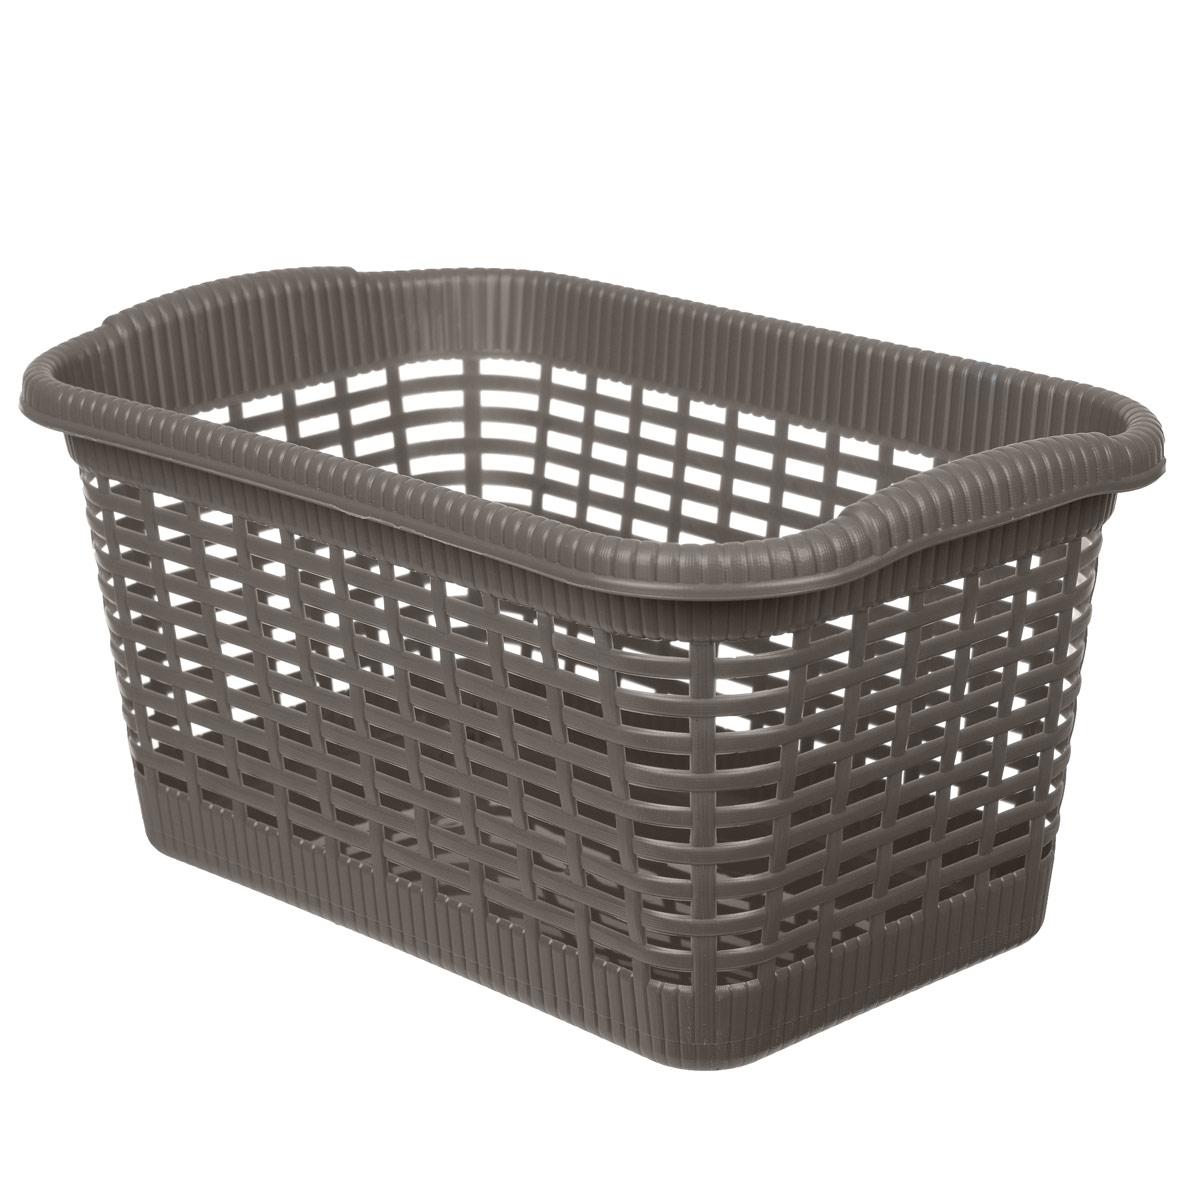 Корзина хозяйственная Gensini, цвет: коричневый, 36 x 22,5 x 18 смTD 0033Универсальная корзина Gensini, выполненная из пластика, предназначена для хранения мелочей в ванной, на кухне, даче или гараже. Позволяет хранить мелкие вещи, исключая возможность их потери. Легкая воздушная корзина выполнена под плетенку и оснащена жесткой кромкой.Размер: 36 см x 22,5 см x 18 см. Объем: 15 л.